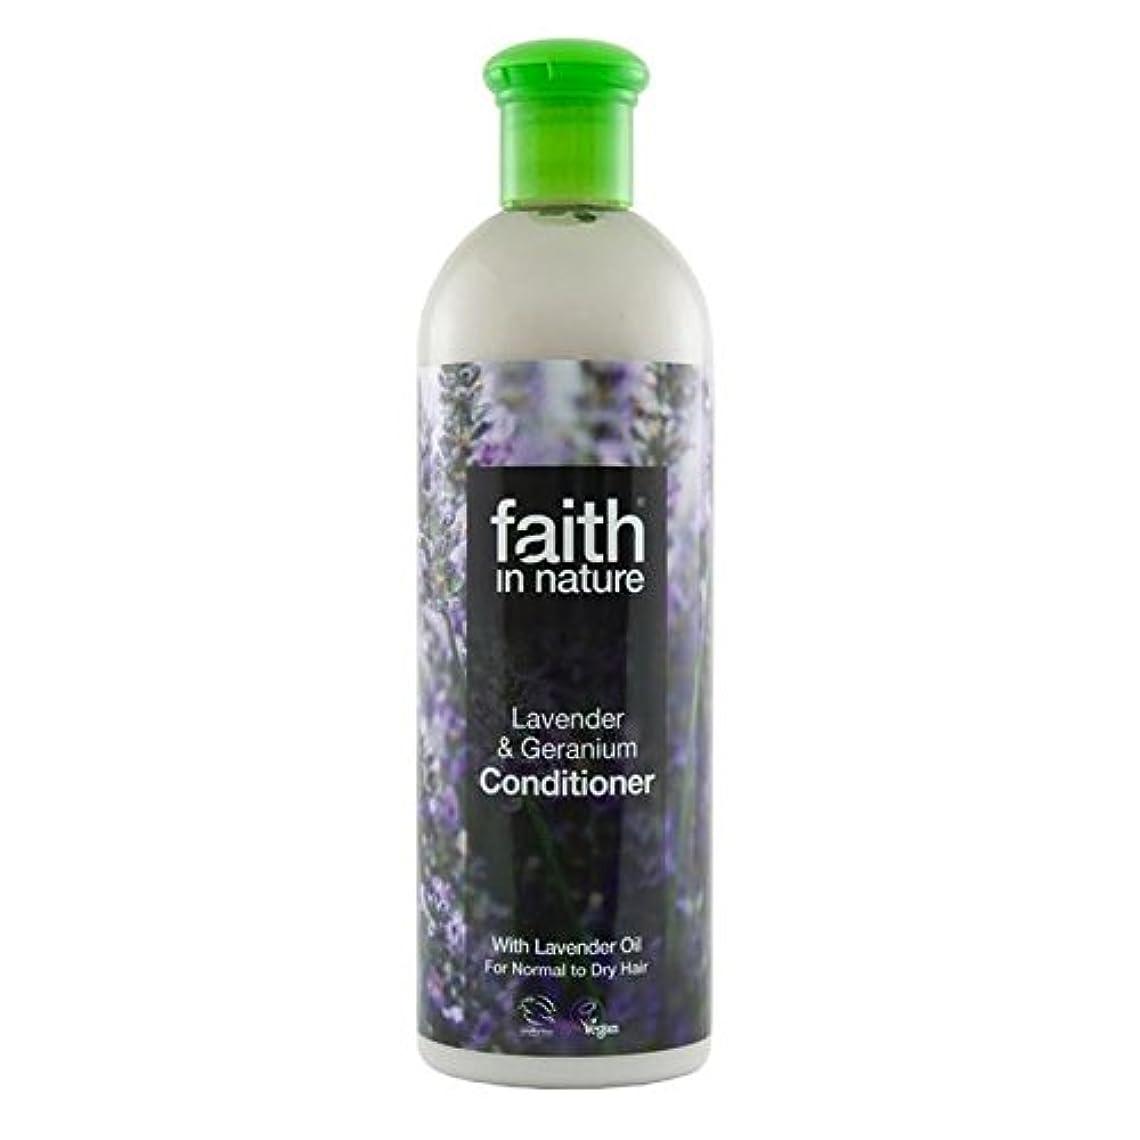 サイトライン散逸ハーネスFaith in Nature Lavender & Geranium Conditioner 400ml (Pack of 6) - (Faith In Nature) 自然ラベンダー&ゼラニウムコンディショナー400...